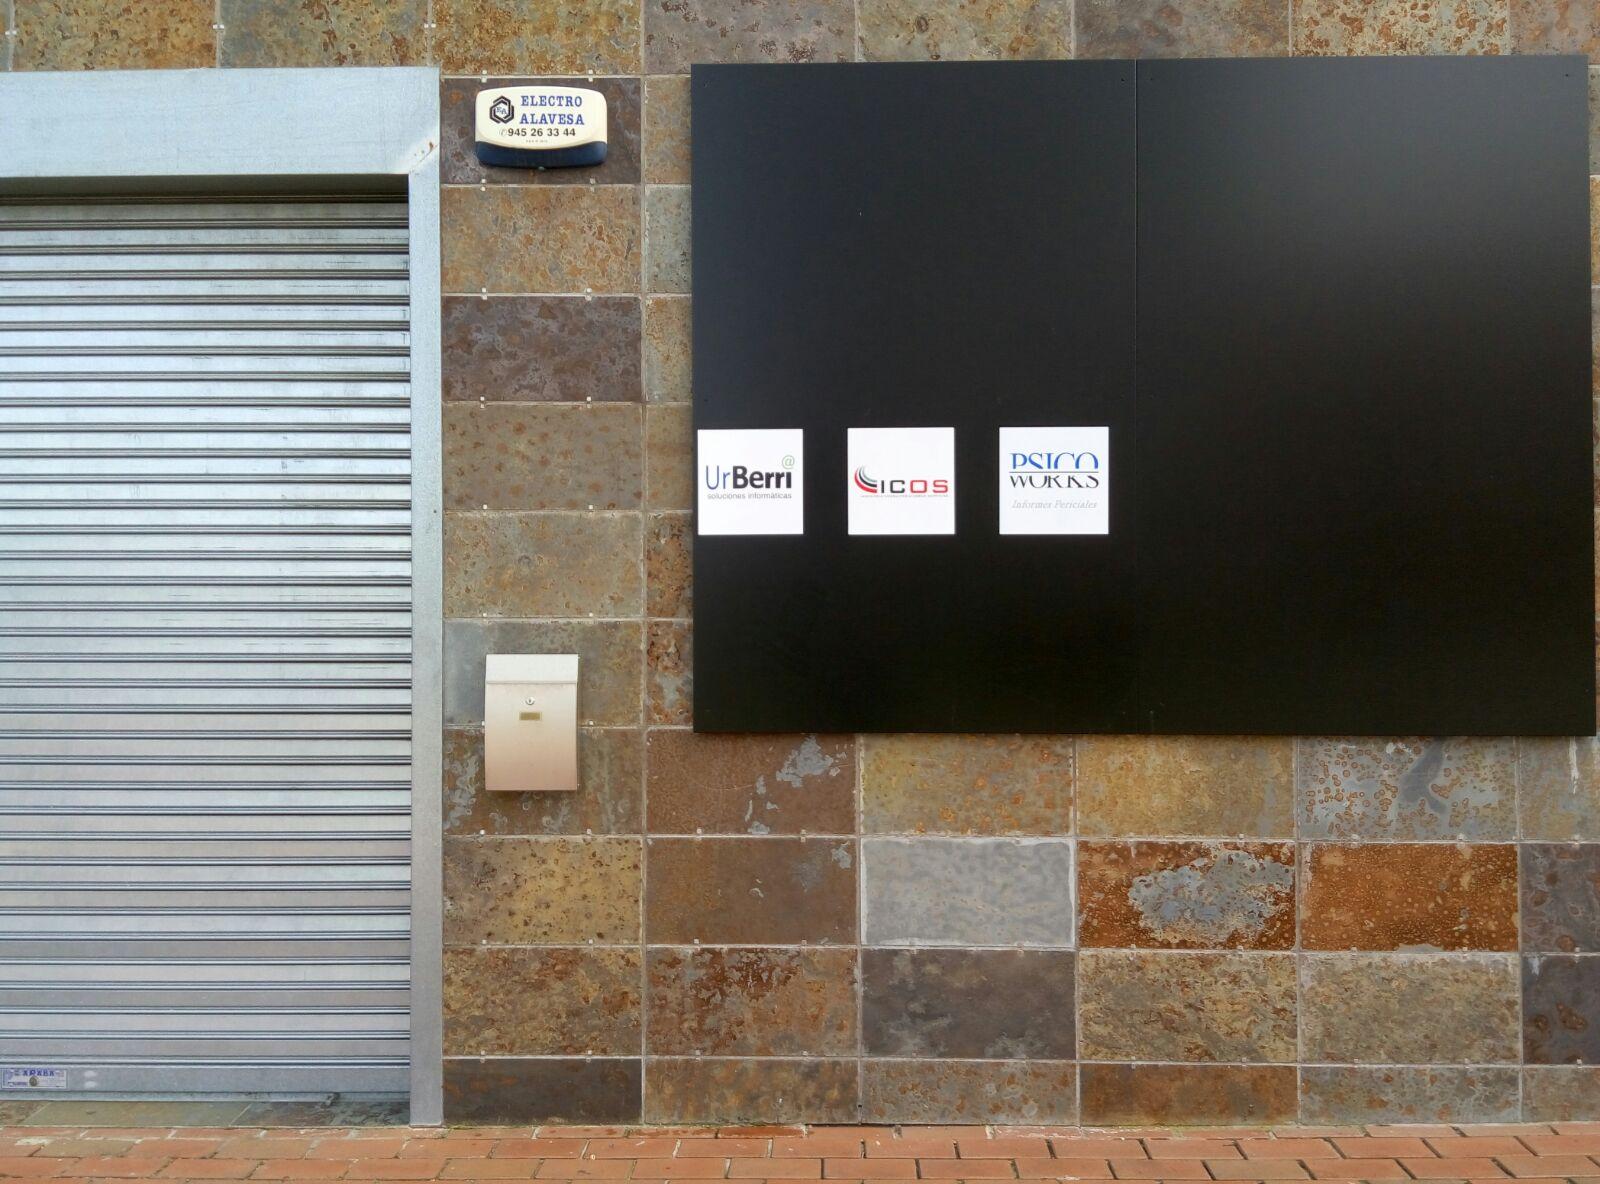 exterior de nuevo local de UrBerri Soluciones Informáticas en Vitoria-Gasteiz